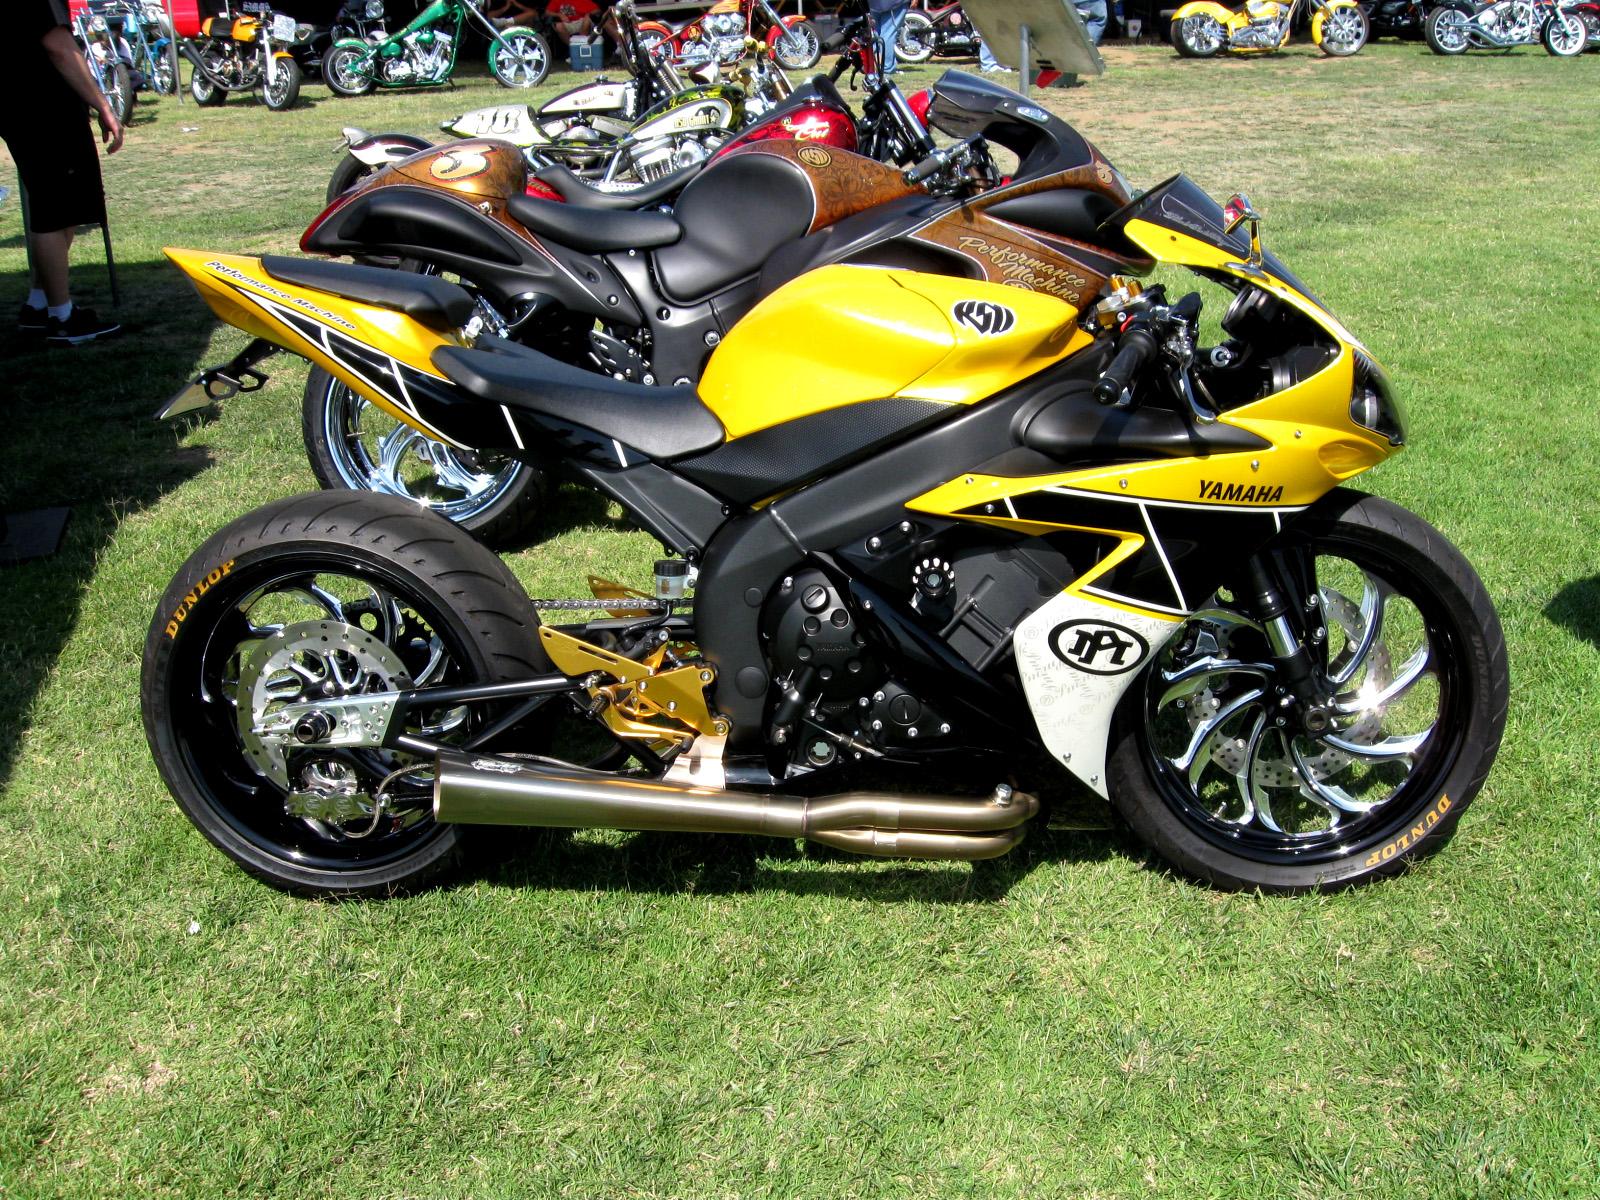 custom sport bikes |Bike n Bikes All About Bikes